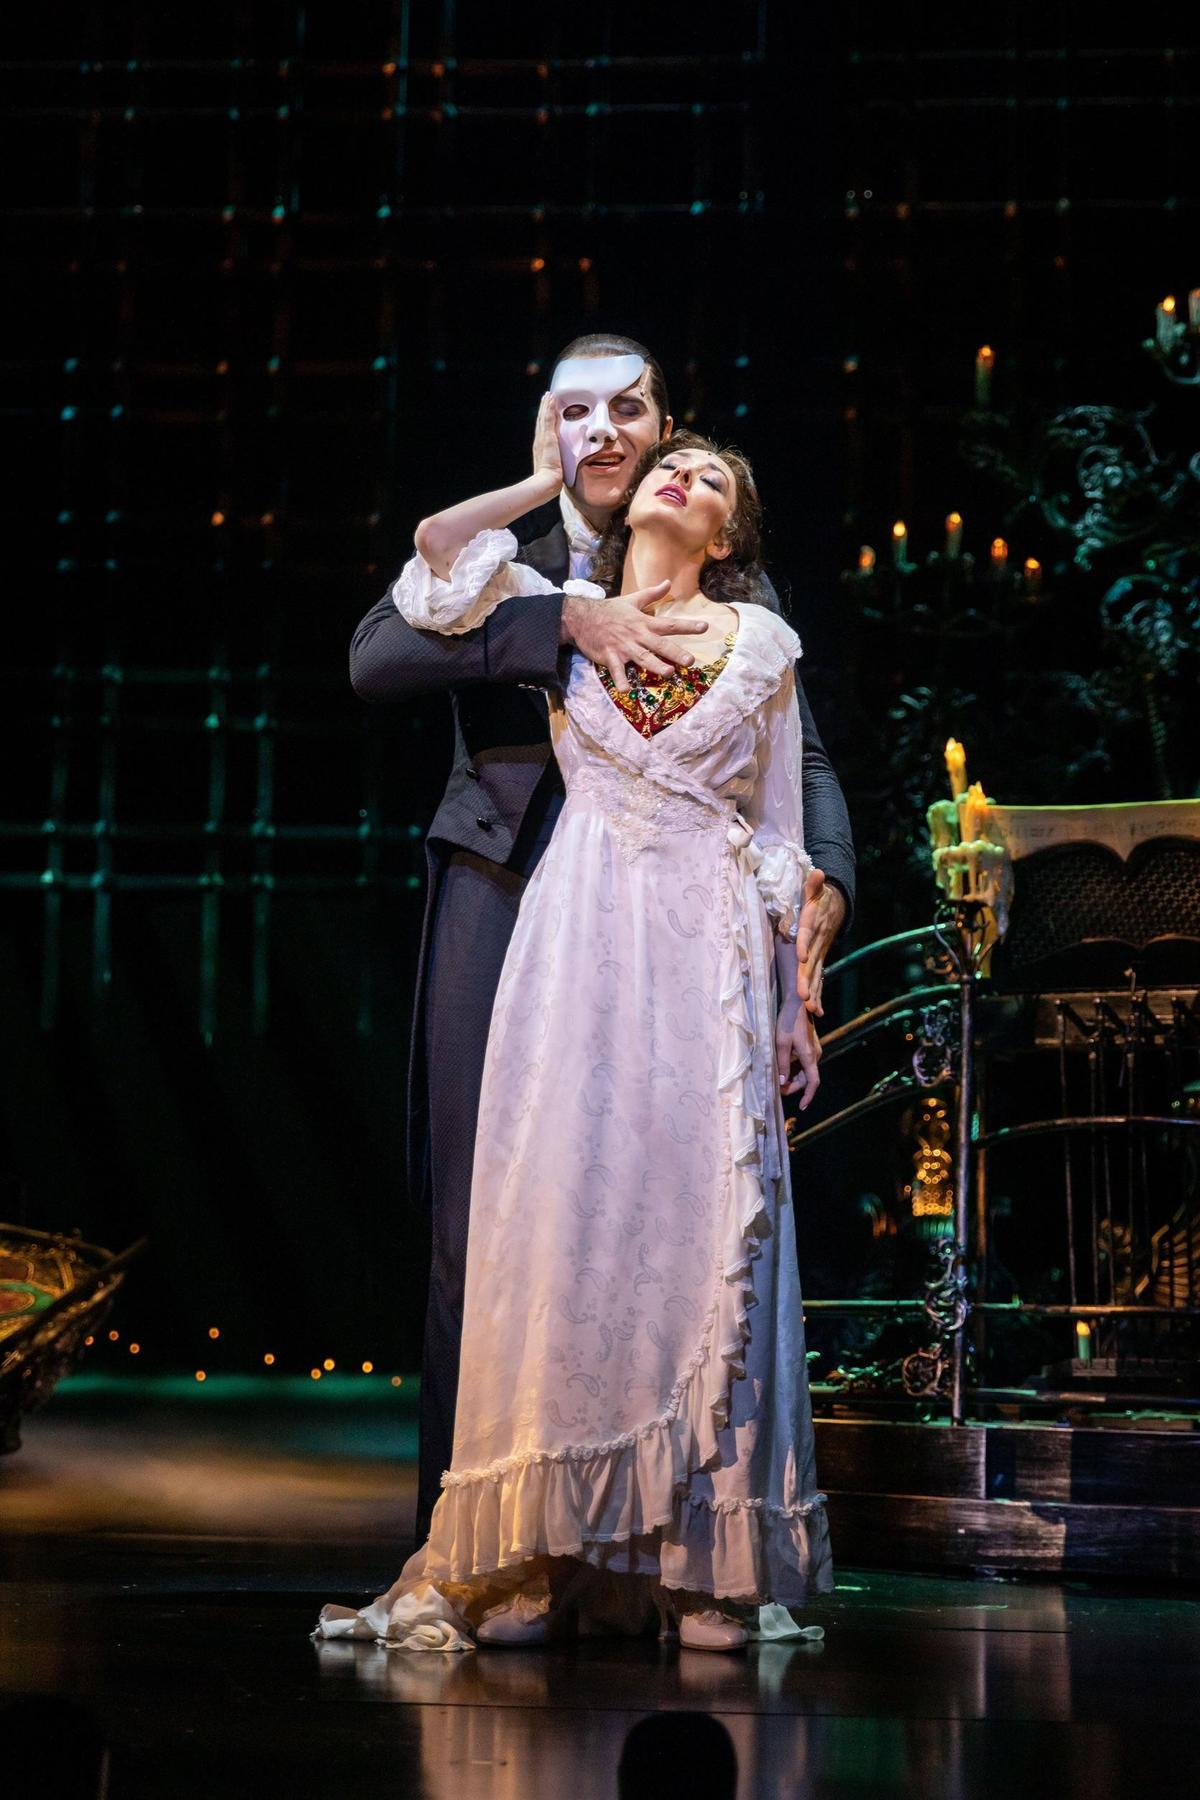 《歌劇魅影》即將於11月20日到12月6日於台北小巨蛋登場。(寬宏藝術提供)